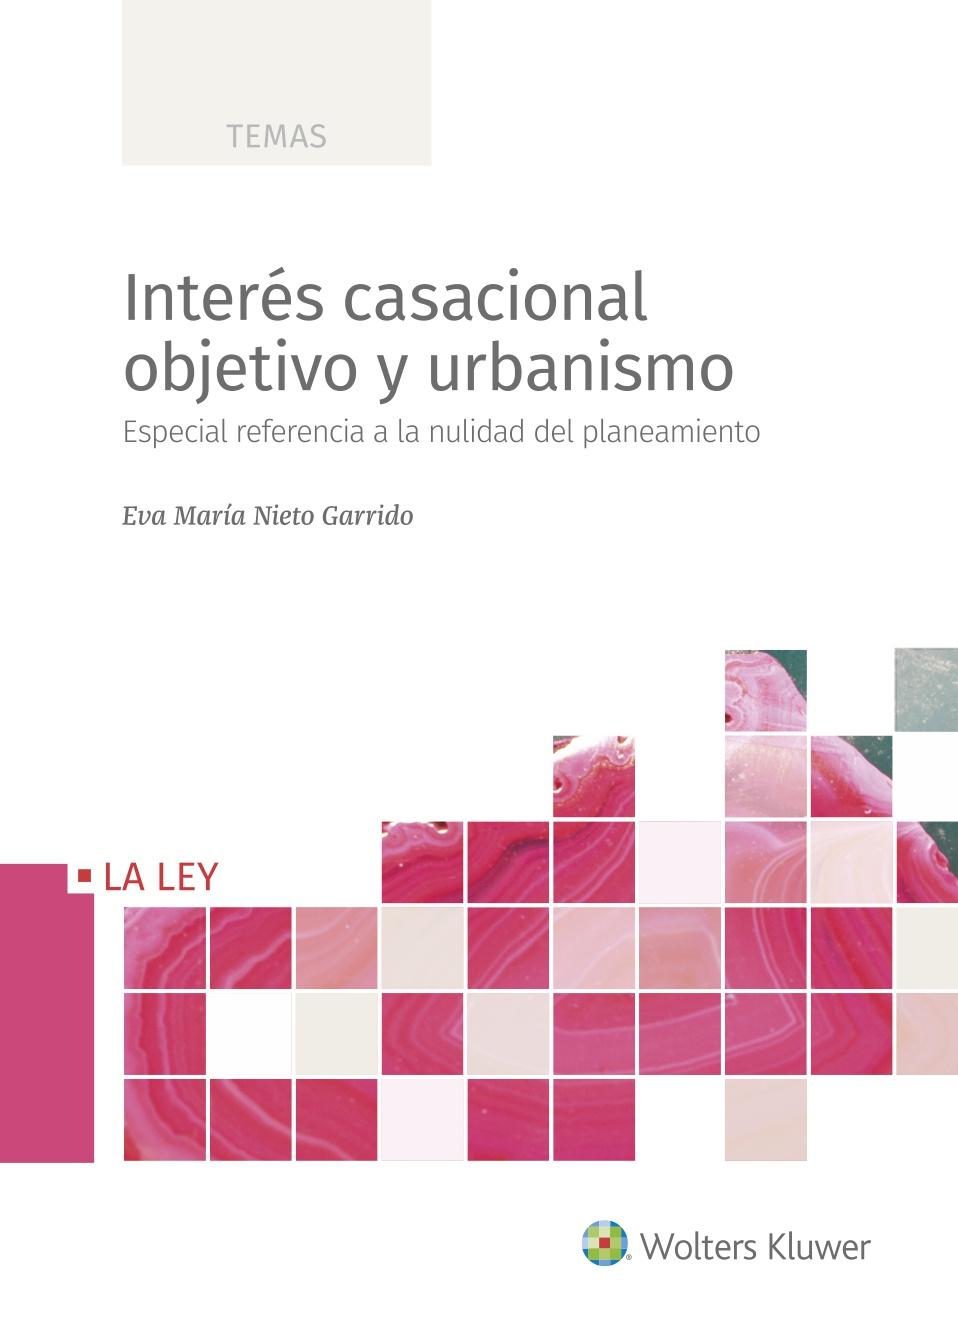 Interés casacional objetivo y urbanismo   «Especial referencia a la nulidad del planeamiento»